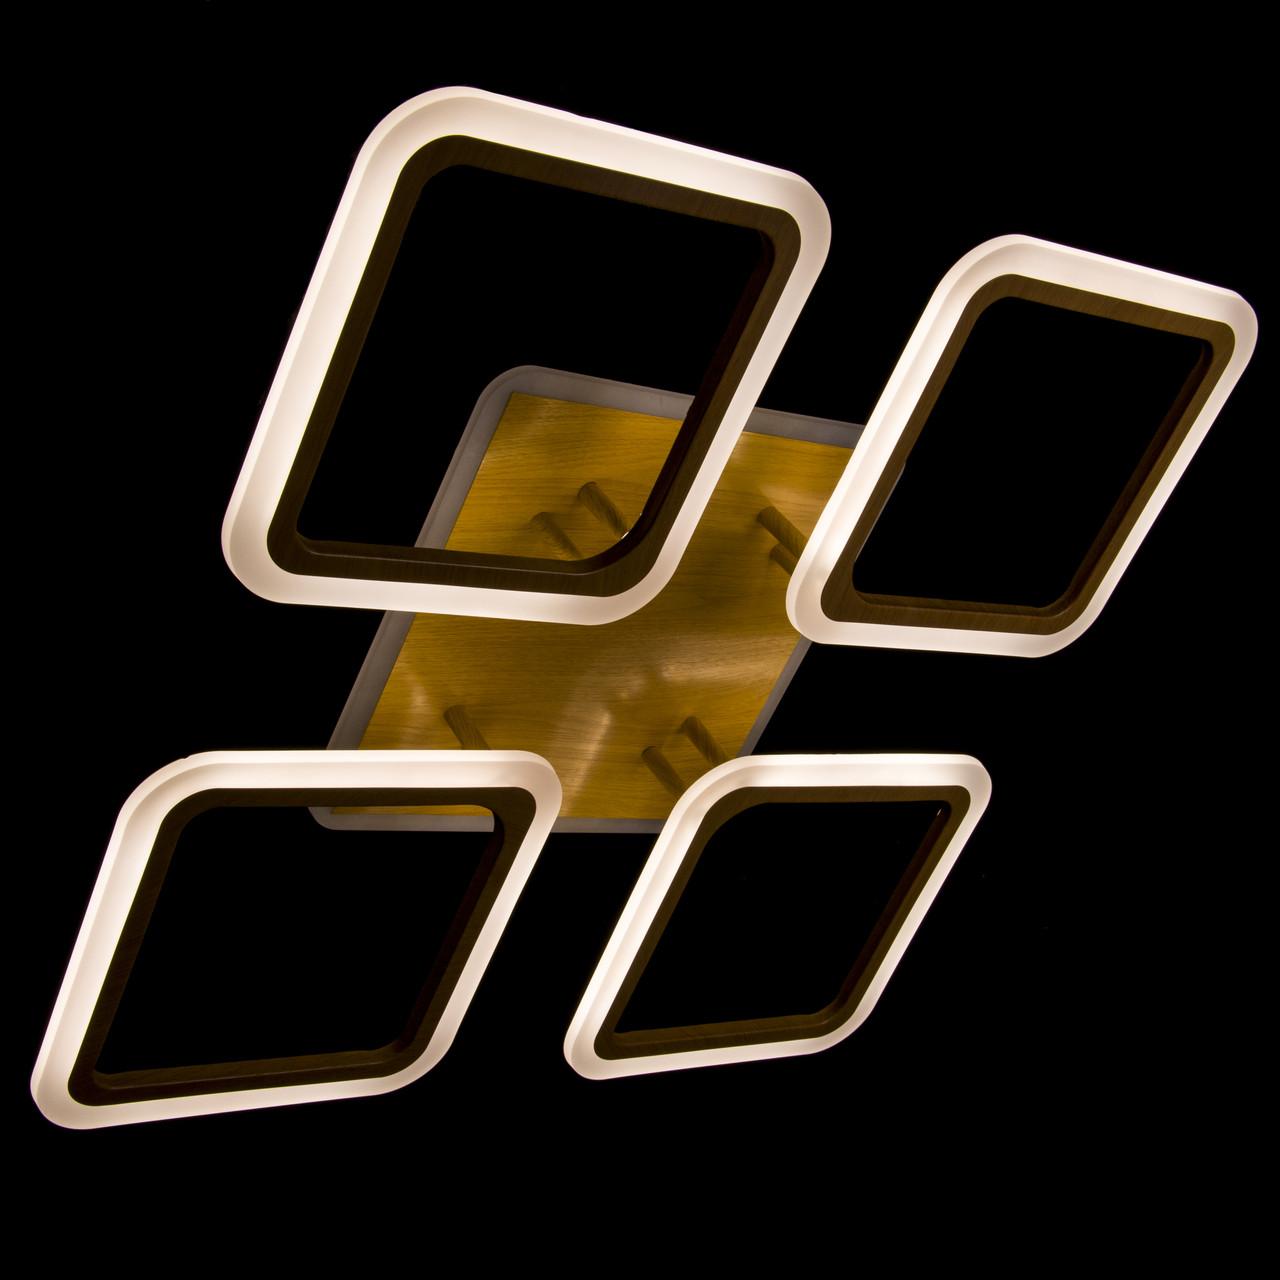 Потолочная светодиодная люстра с диммером и подсветкой основания P5-YH065/4/WOOD